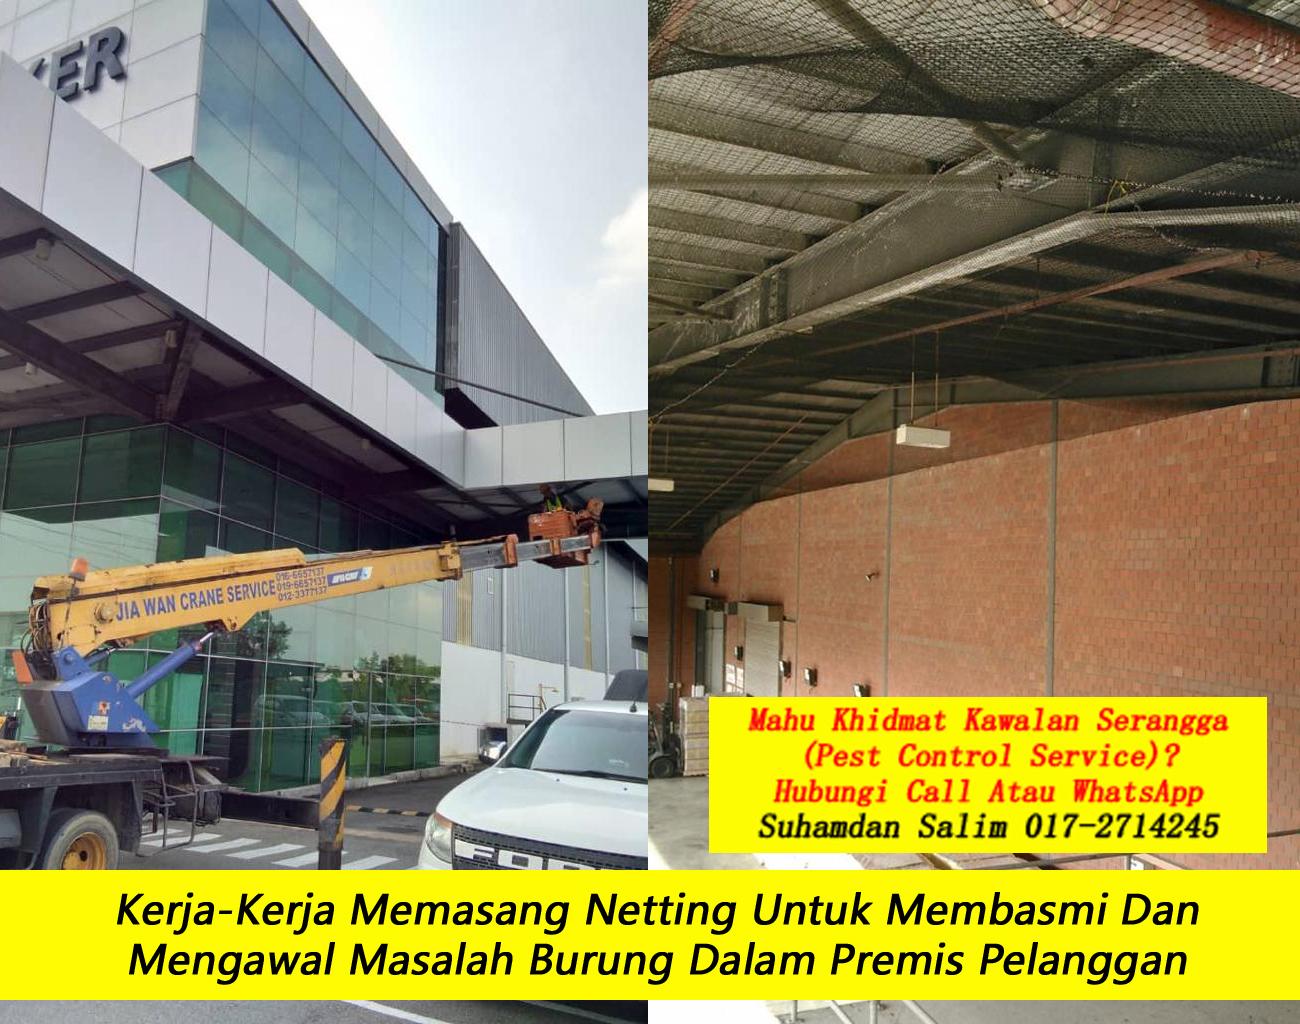 khidmat kawalan serangga burung kelawar syarikat kawalan serangga company pest control Kampung Datuk Keramat kl taman perumahan kawasan perindustrian near me felda